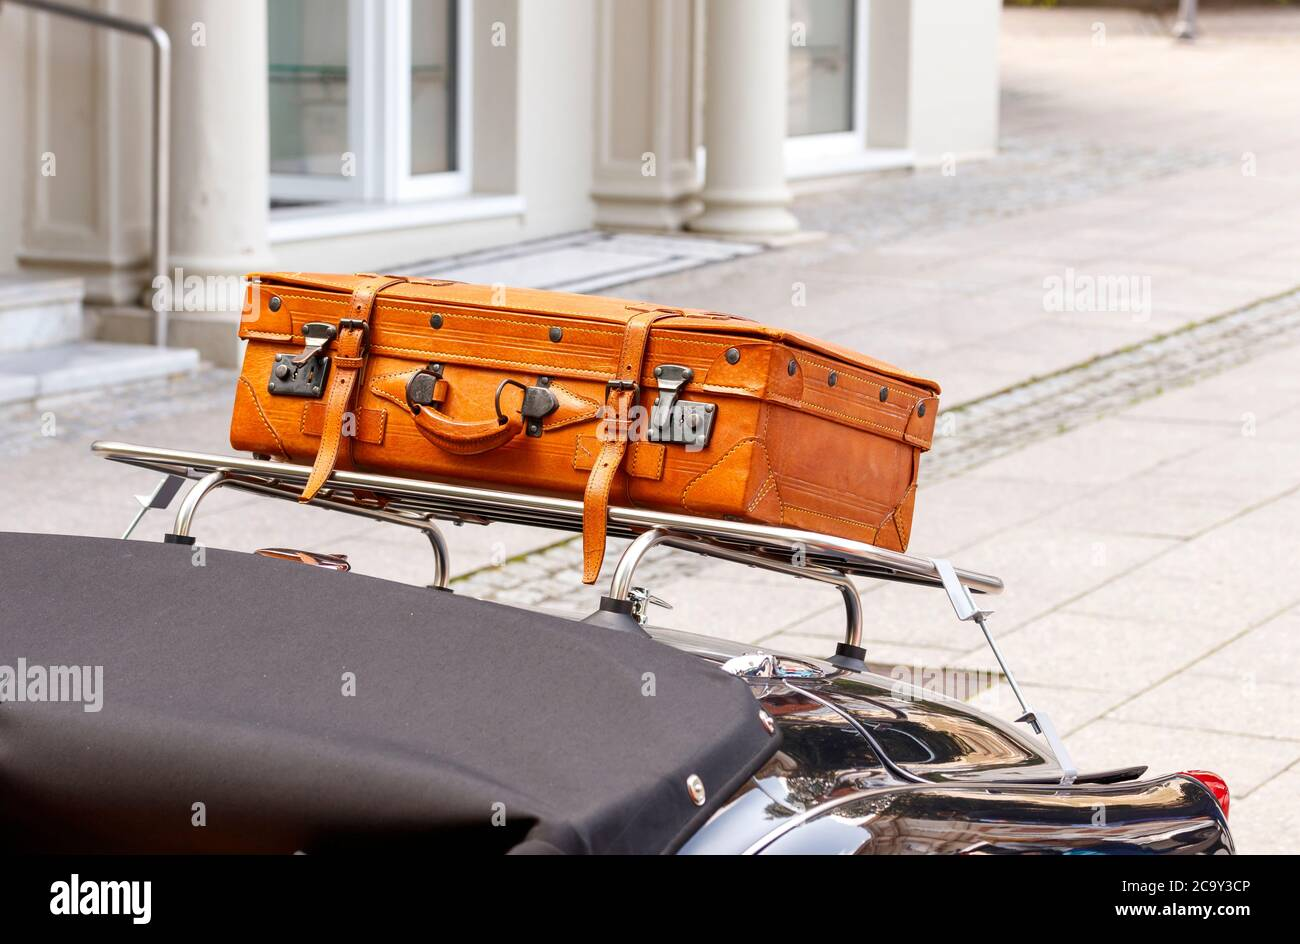 Lederkoffer auf einem Gepäckträger Stockfoto